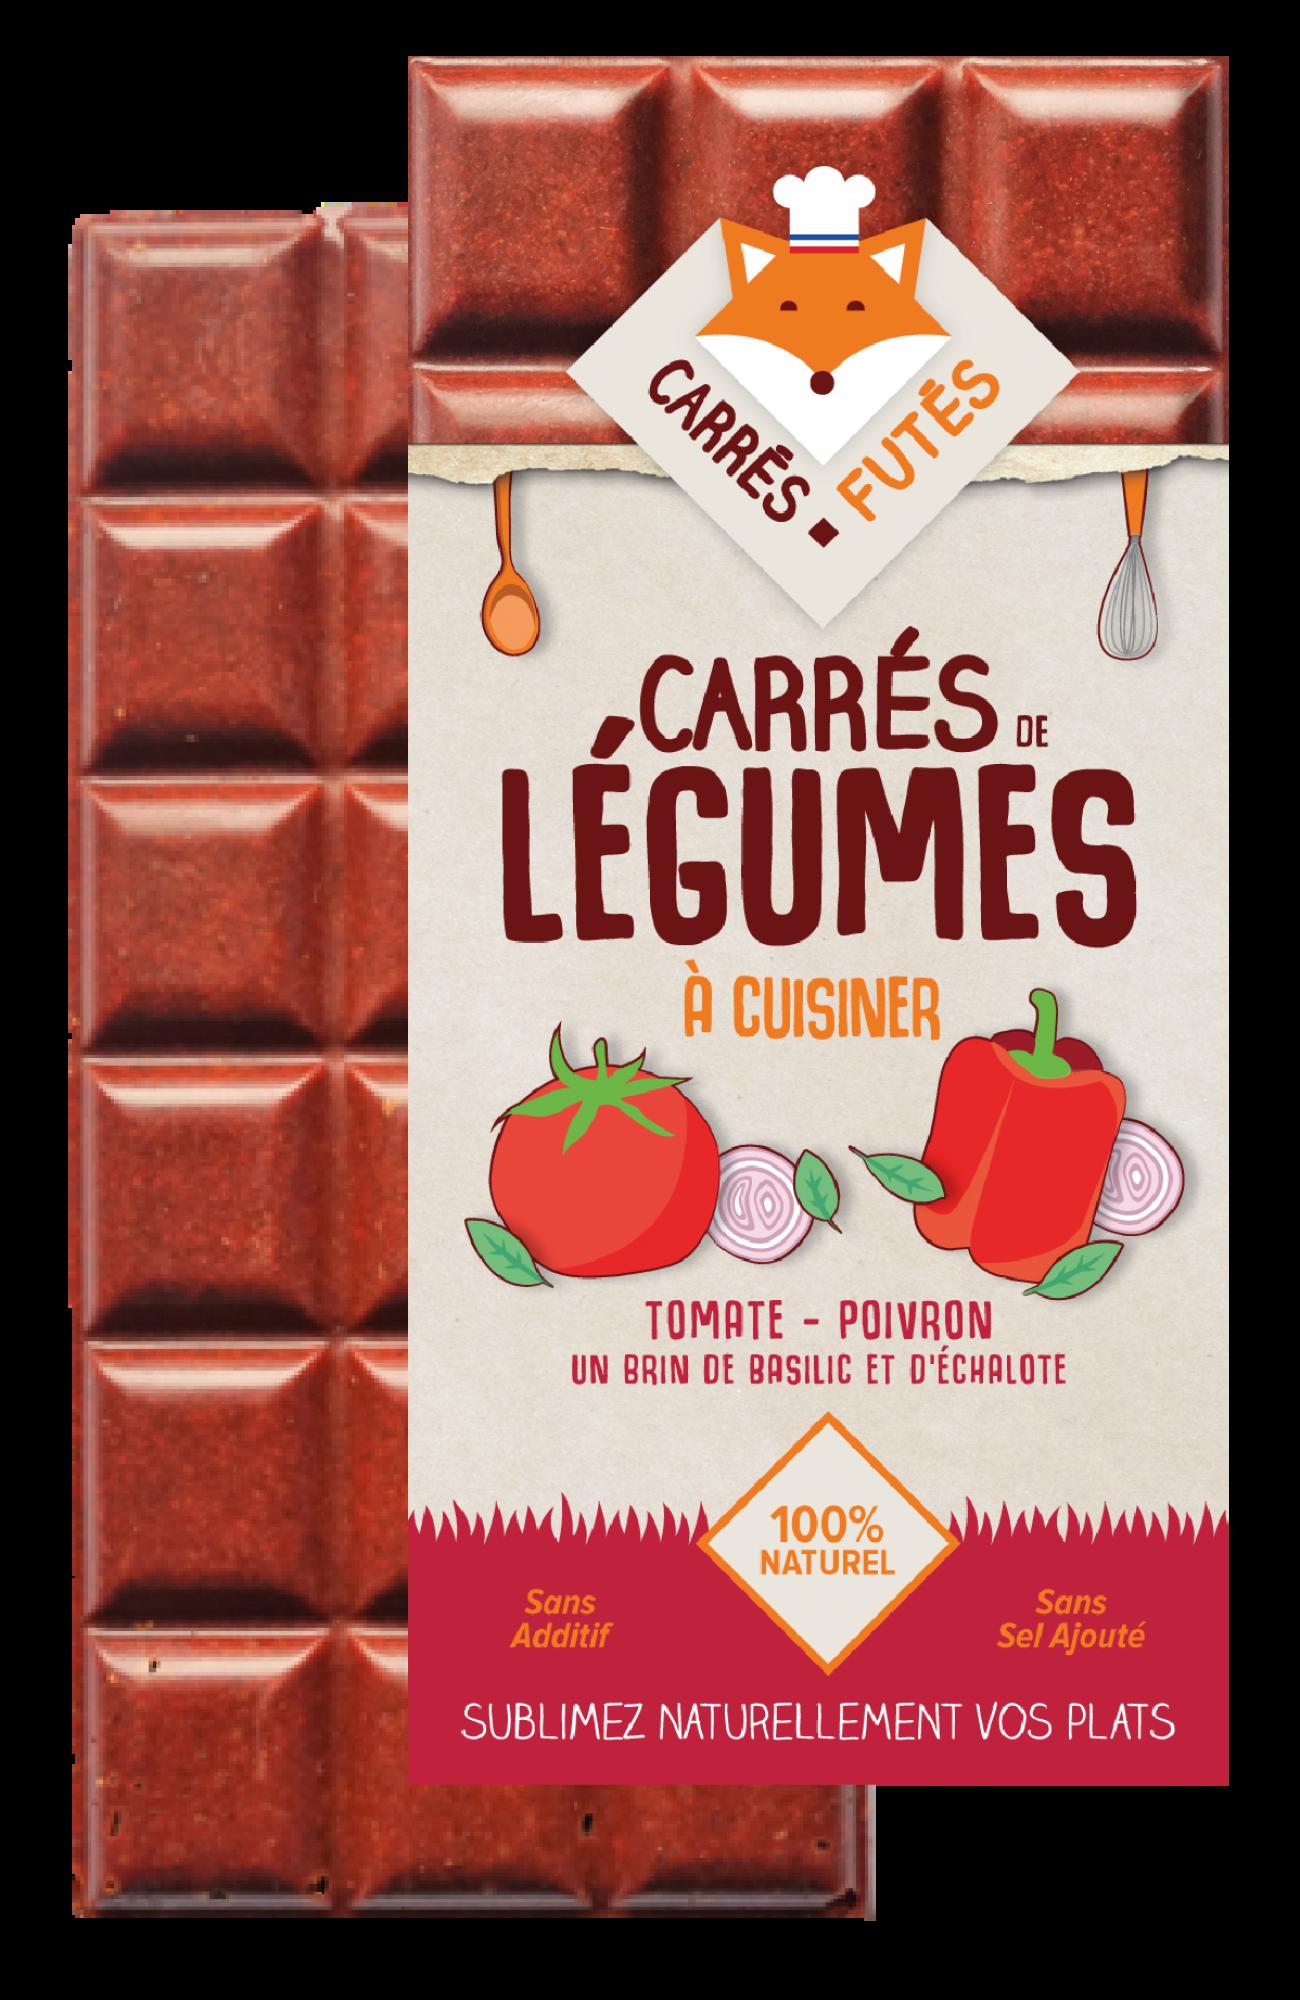 carres-futes-carres-de-legumes-tomate